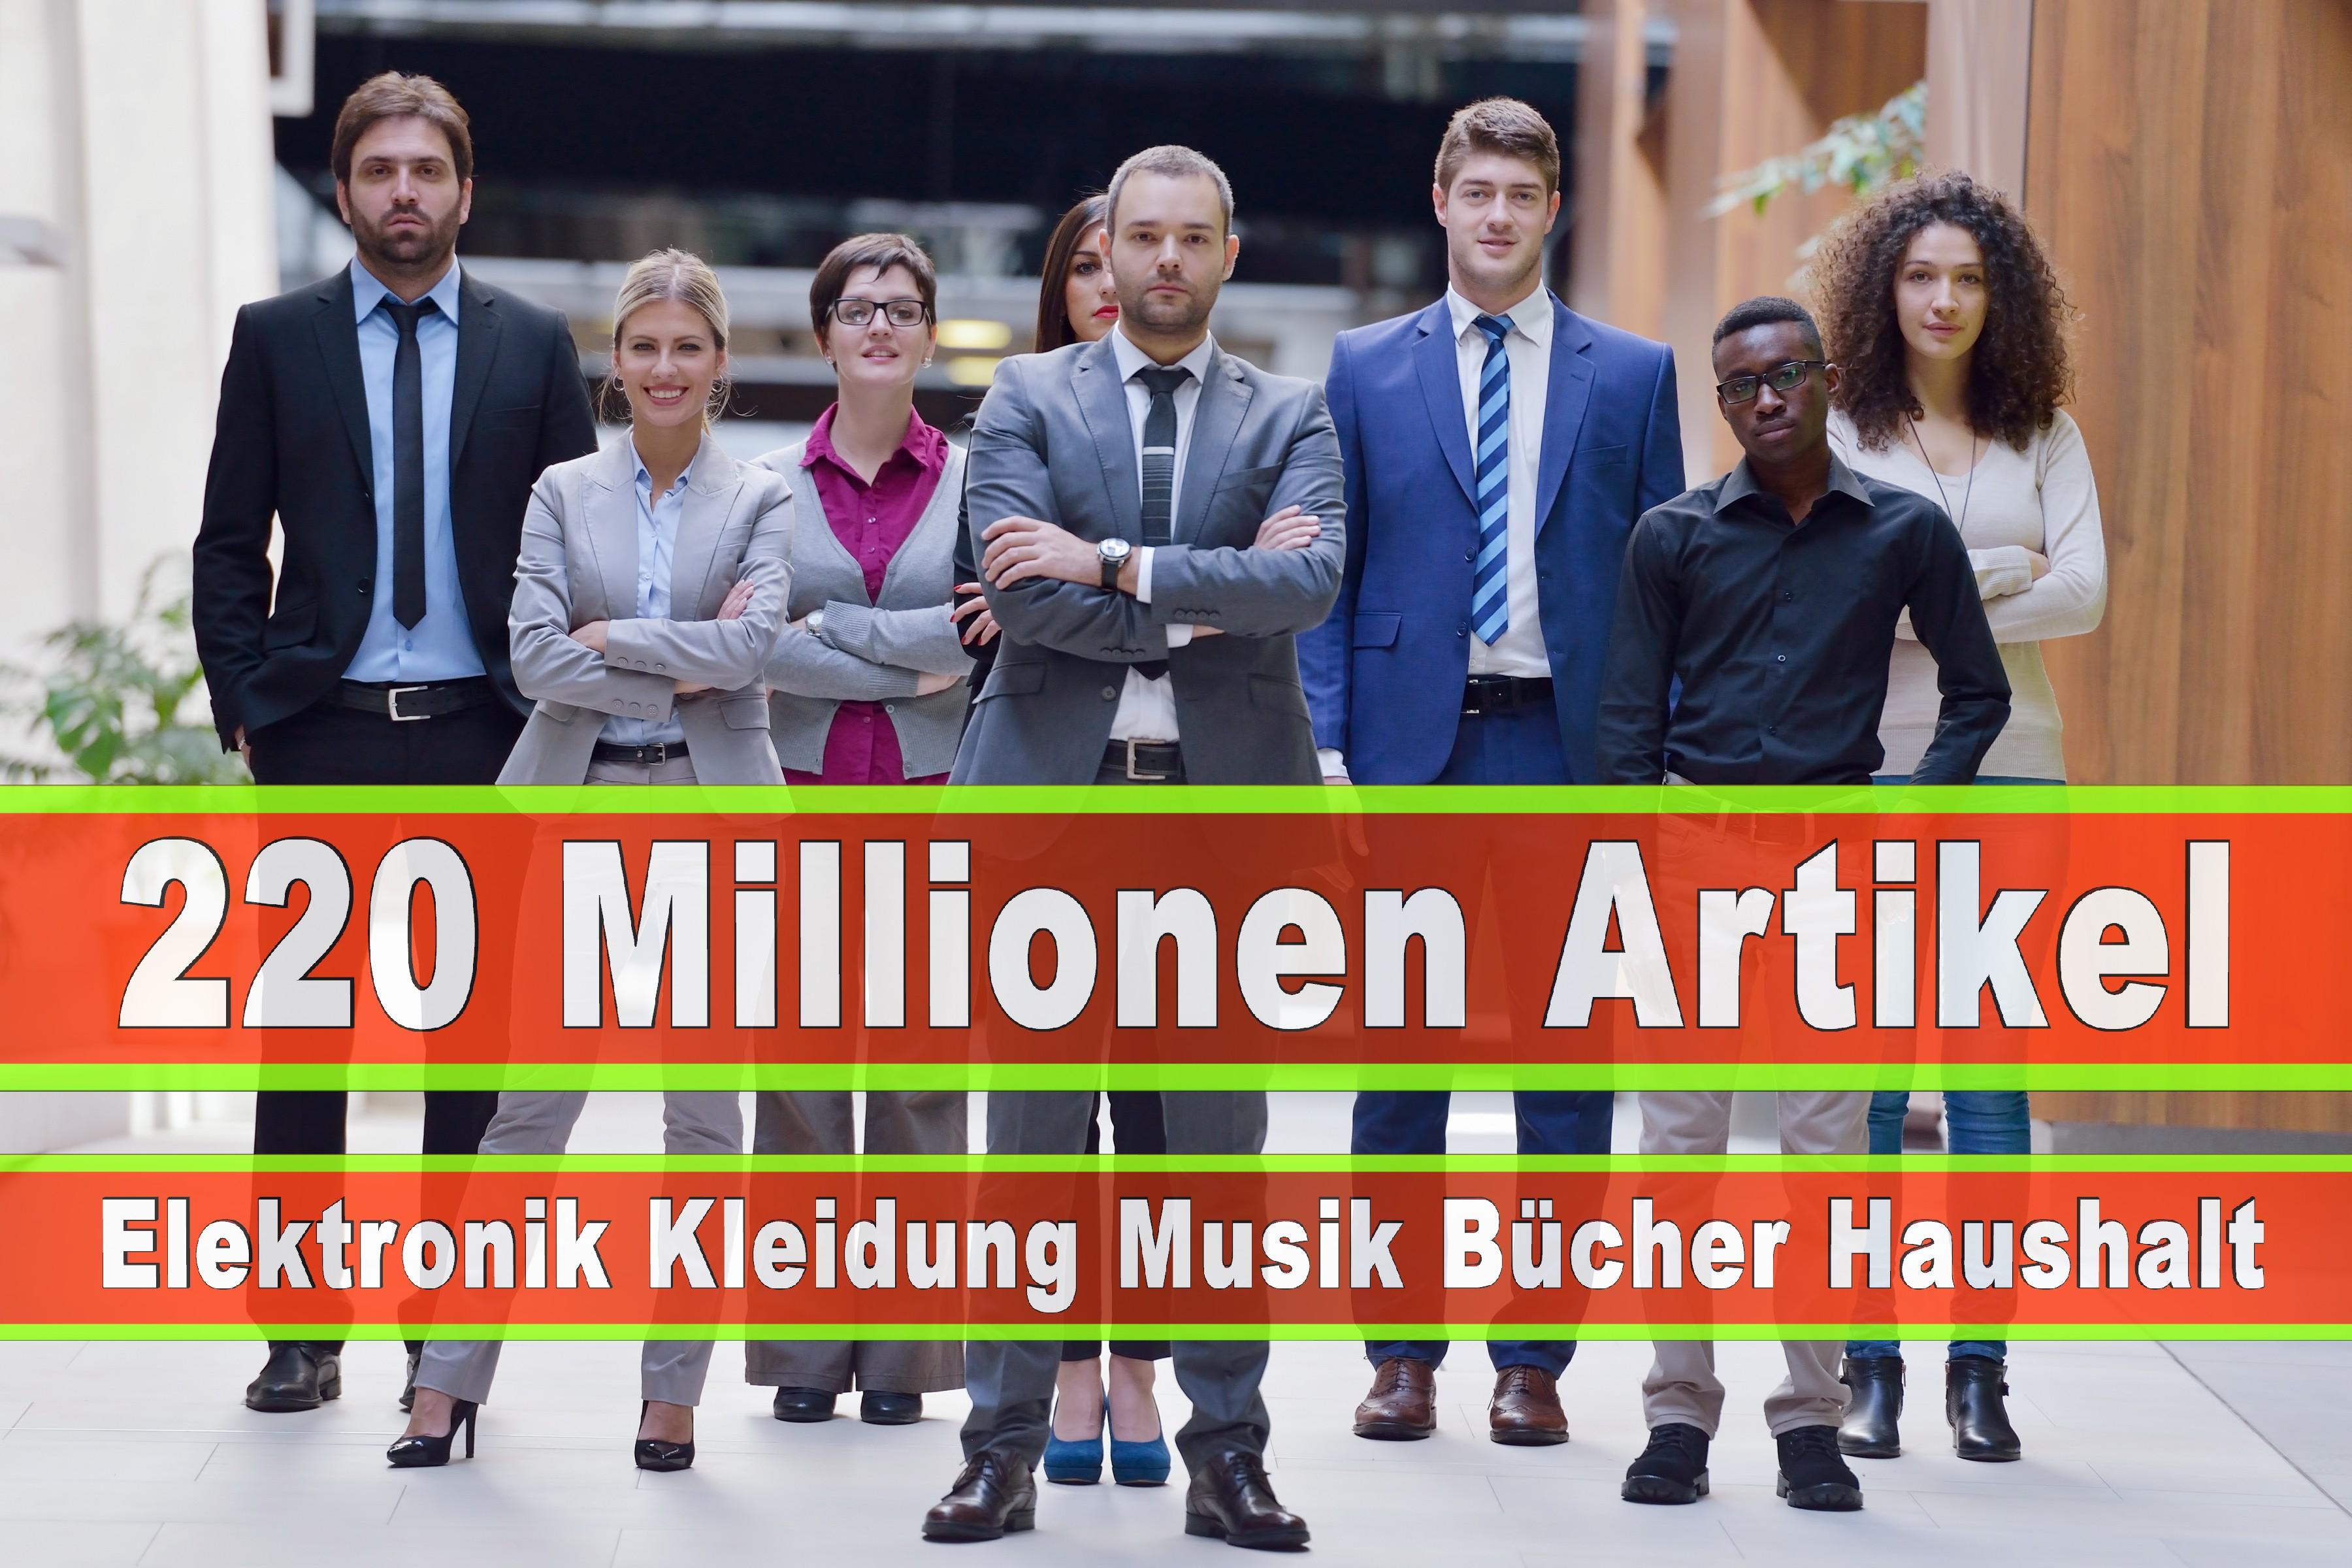 Amazon Elektronik Musik Haushalt Bücher CD DVD Handys Smartphones TV Television Fernseher Kleidung Mode Ebay Versandhaus (147)